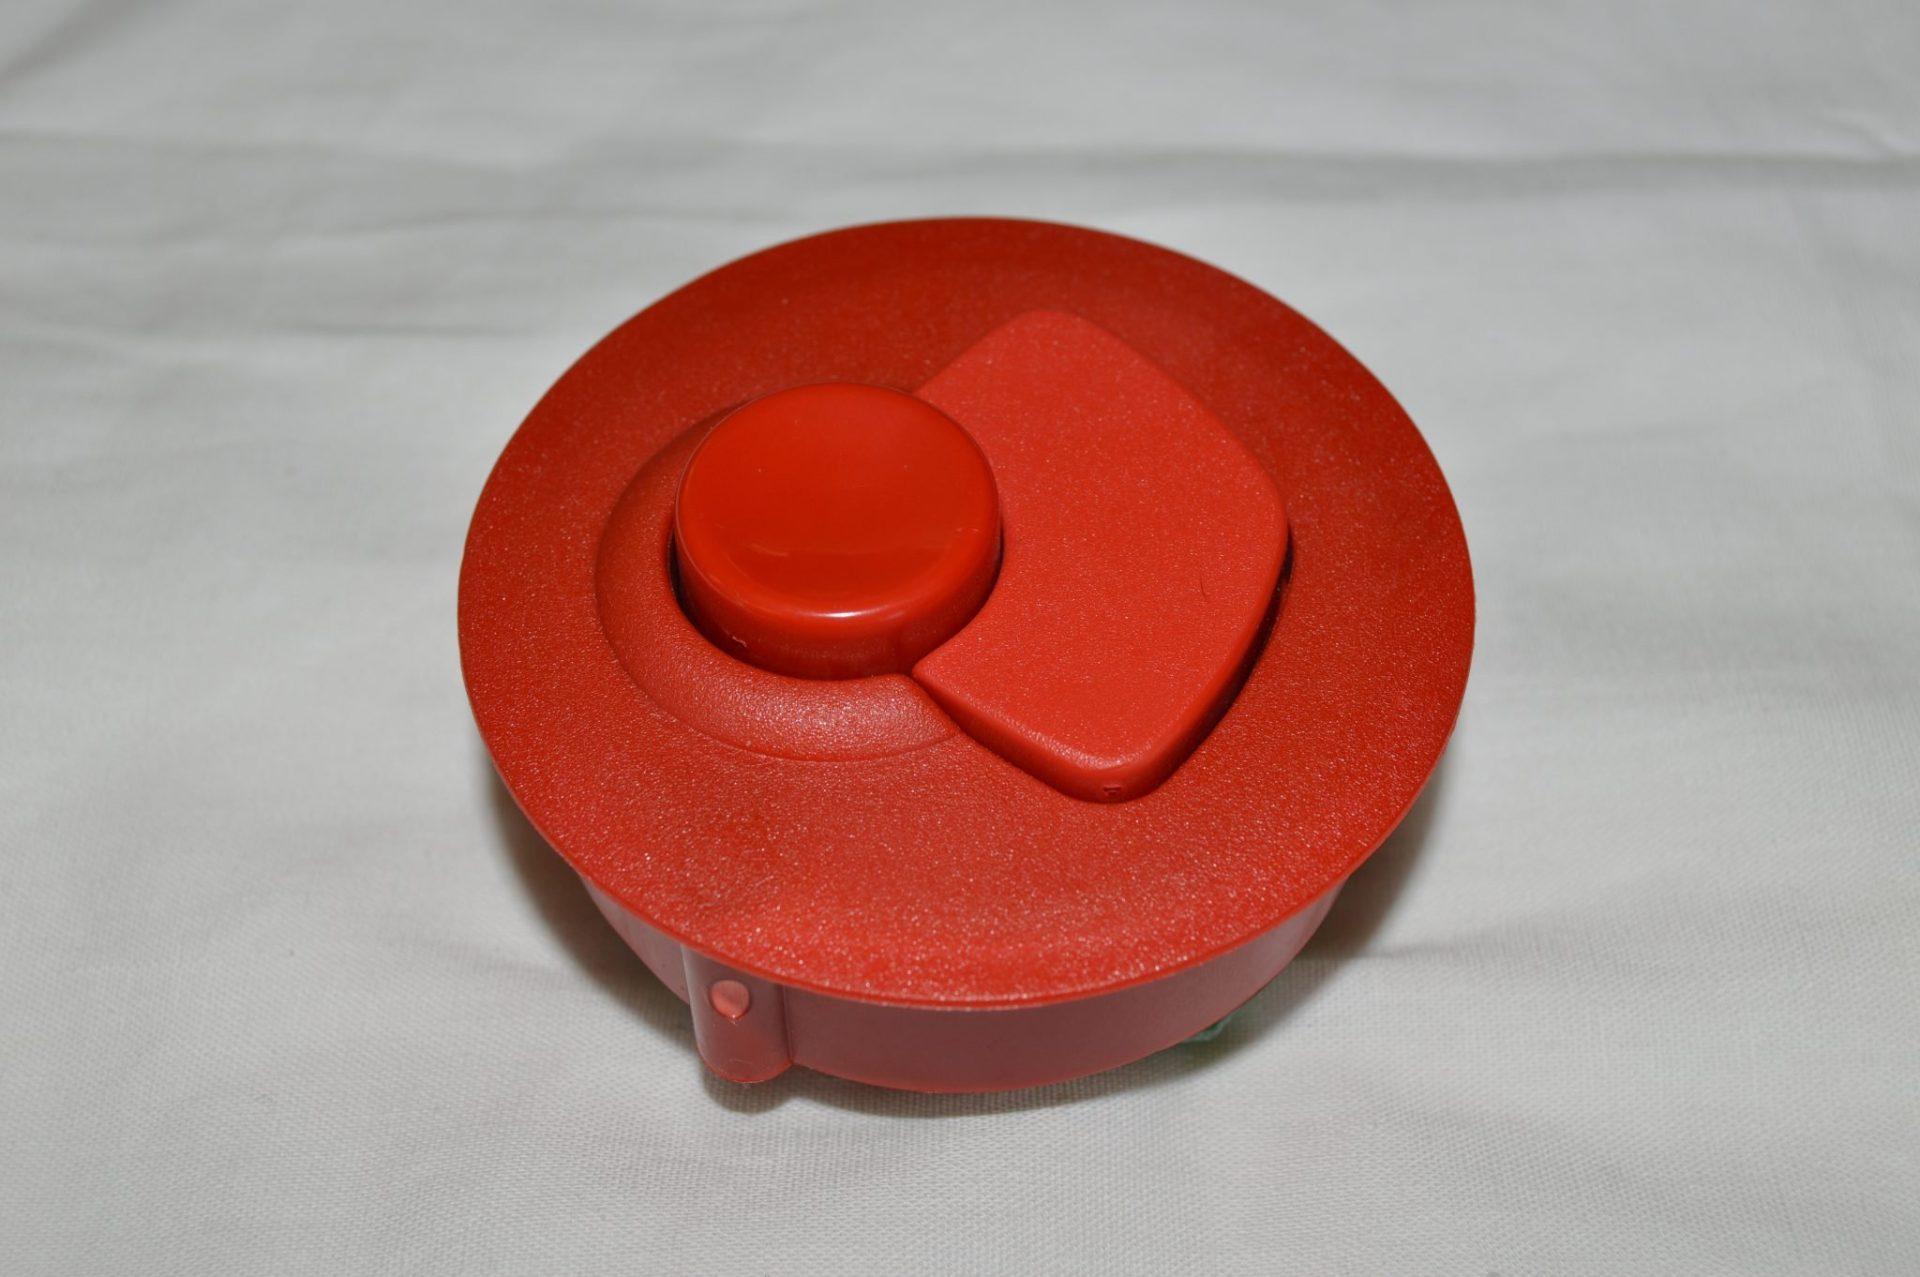 Pinball 2000 Flipper Button Assembly A-22984-1